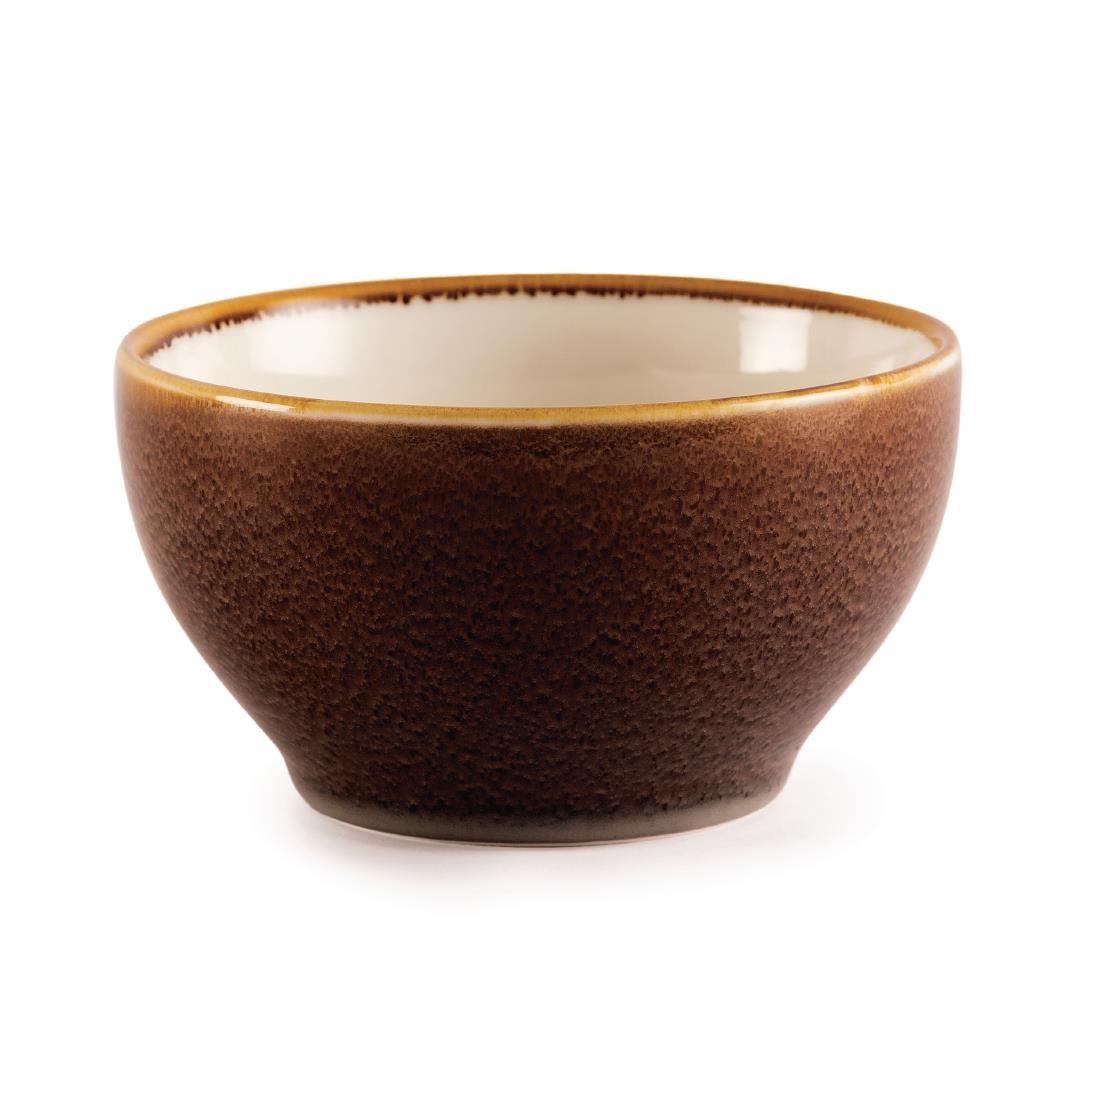 Round Bowl - Bark